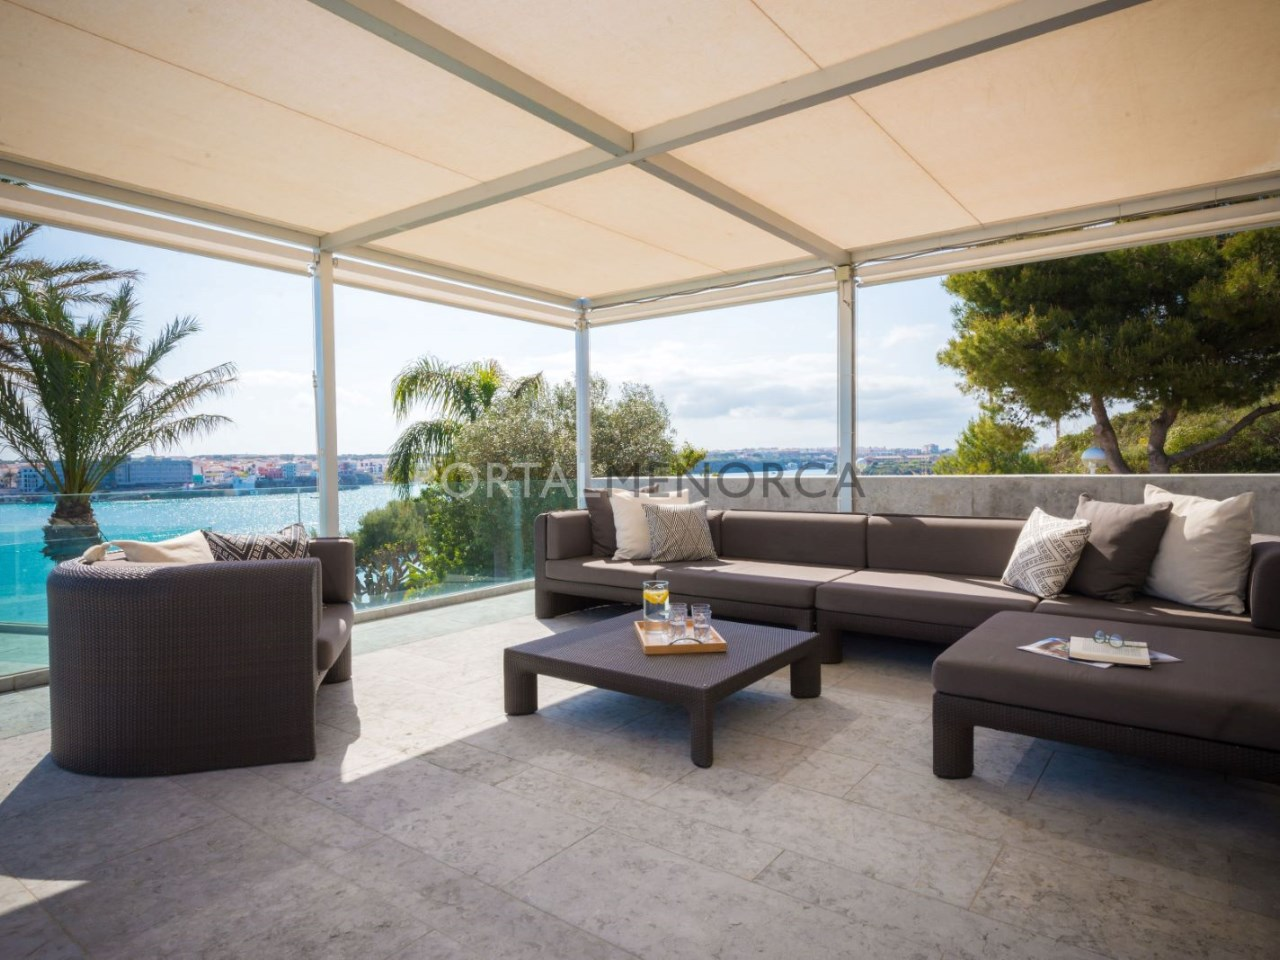 acheter-maison-luxe-menorca (2)